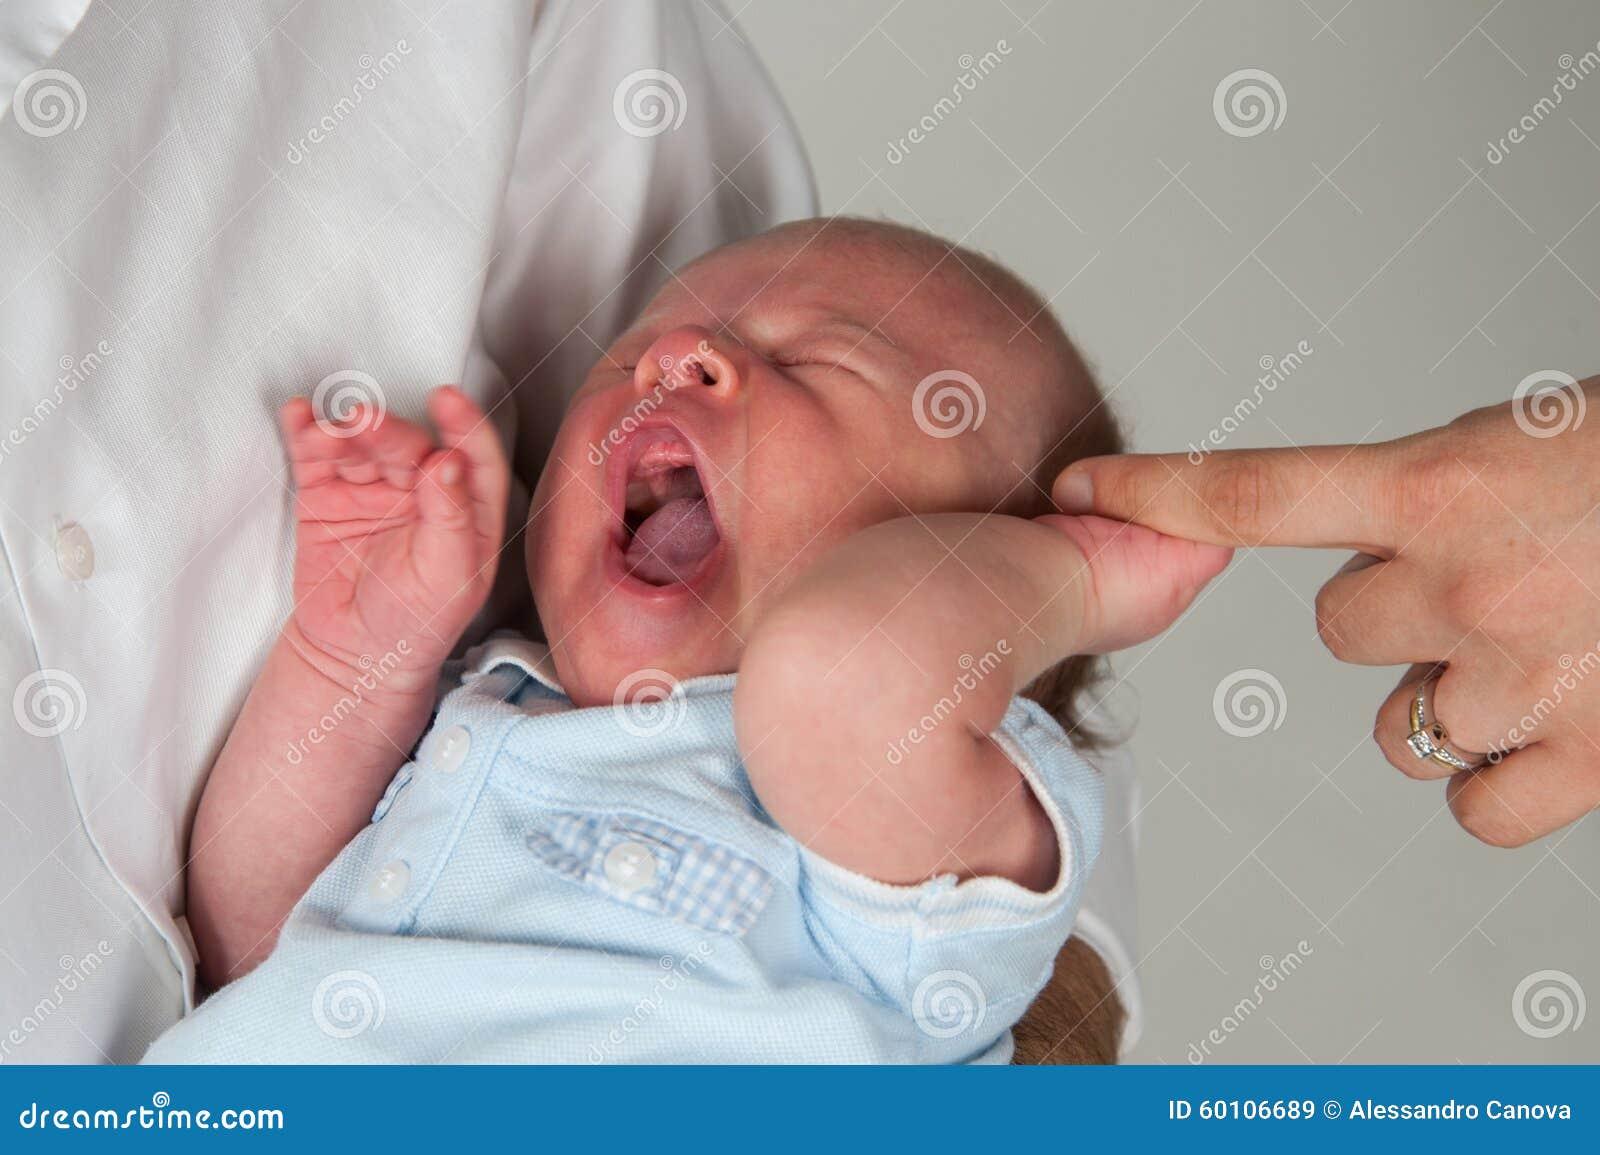 醒的婴孩打呵欠